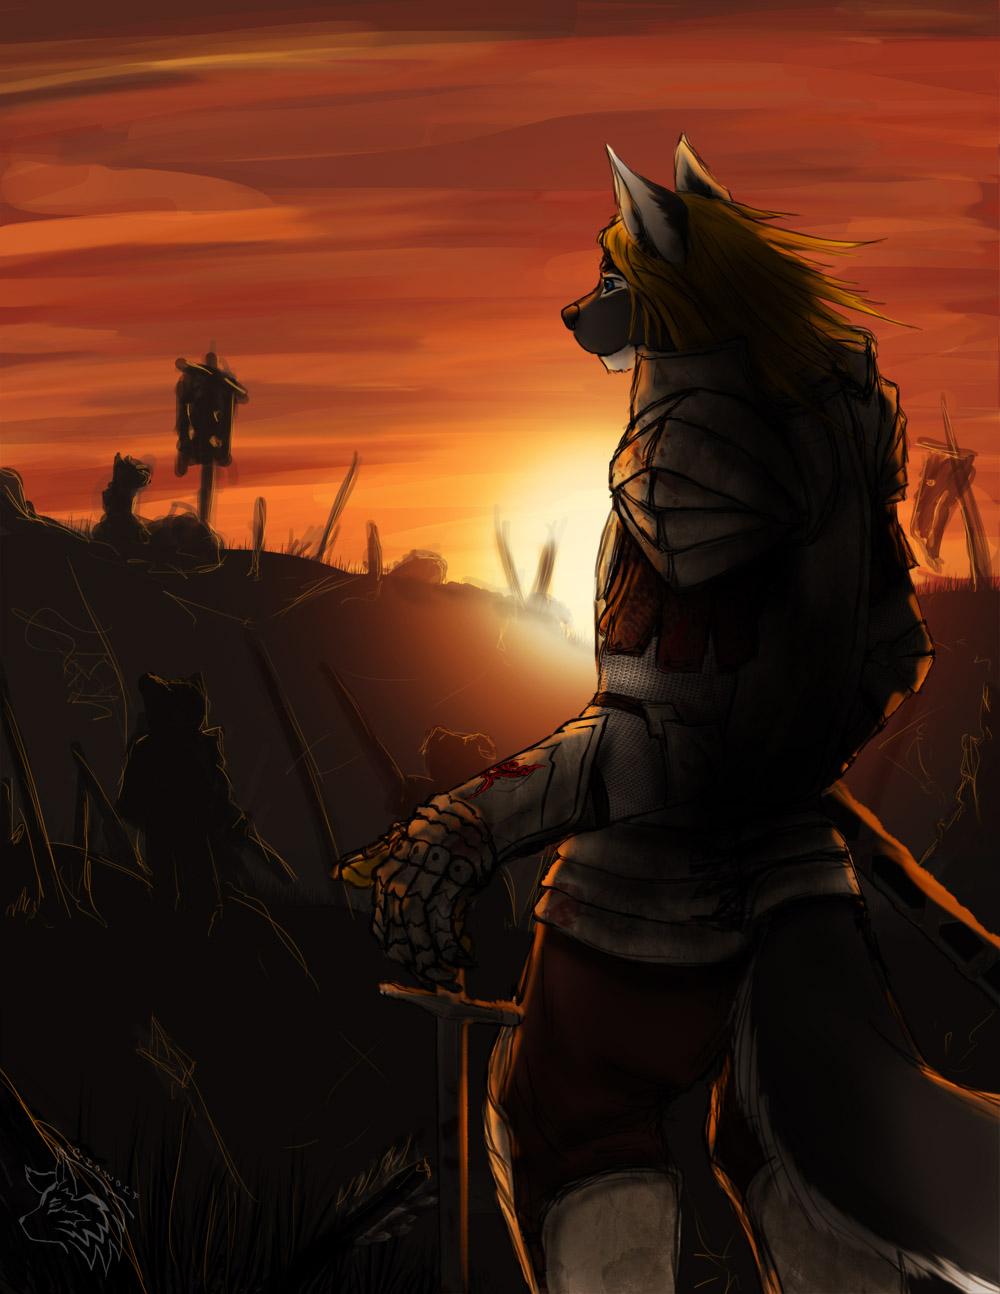 [CM-Nox Salune] Lone Warrior